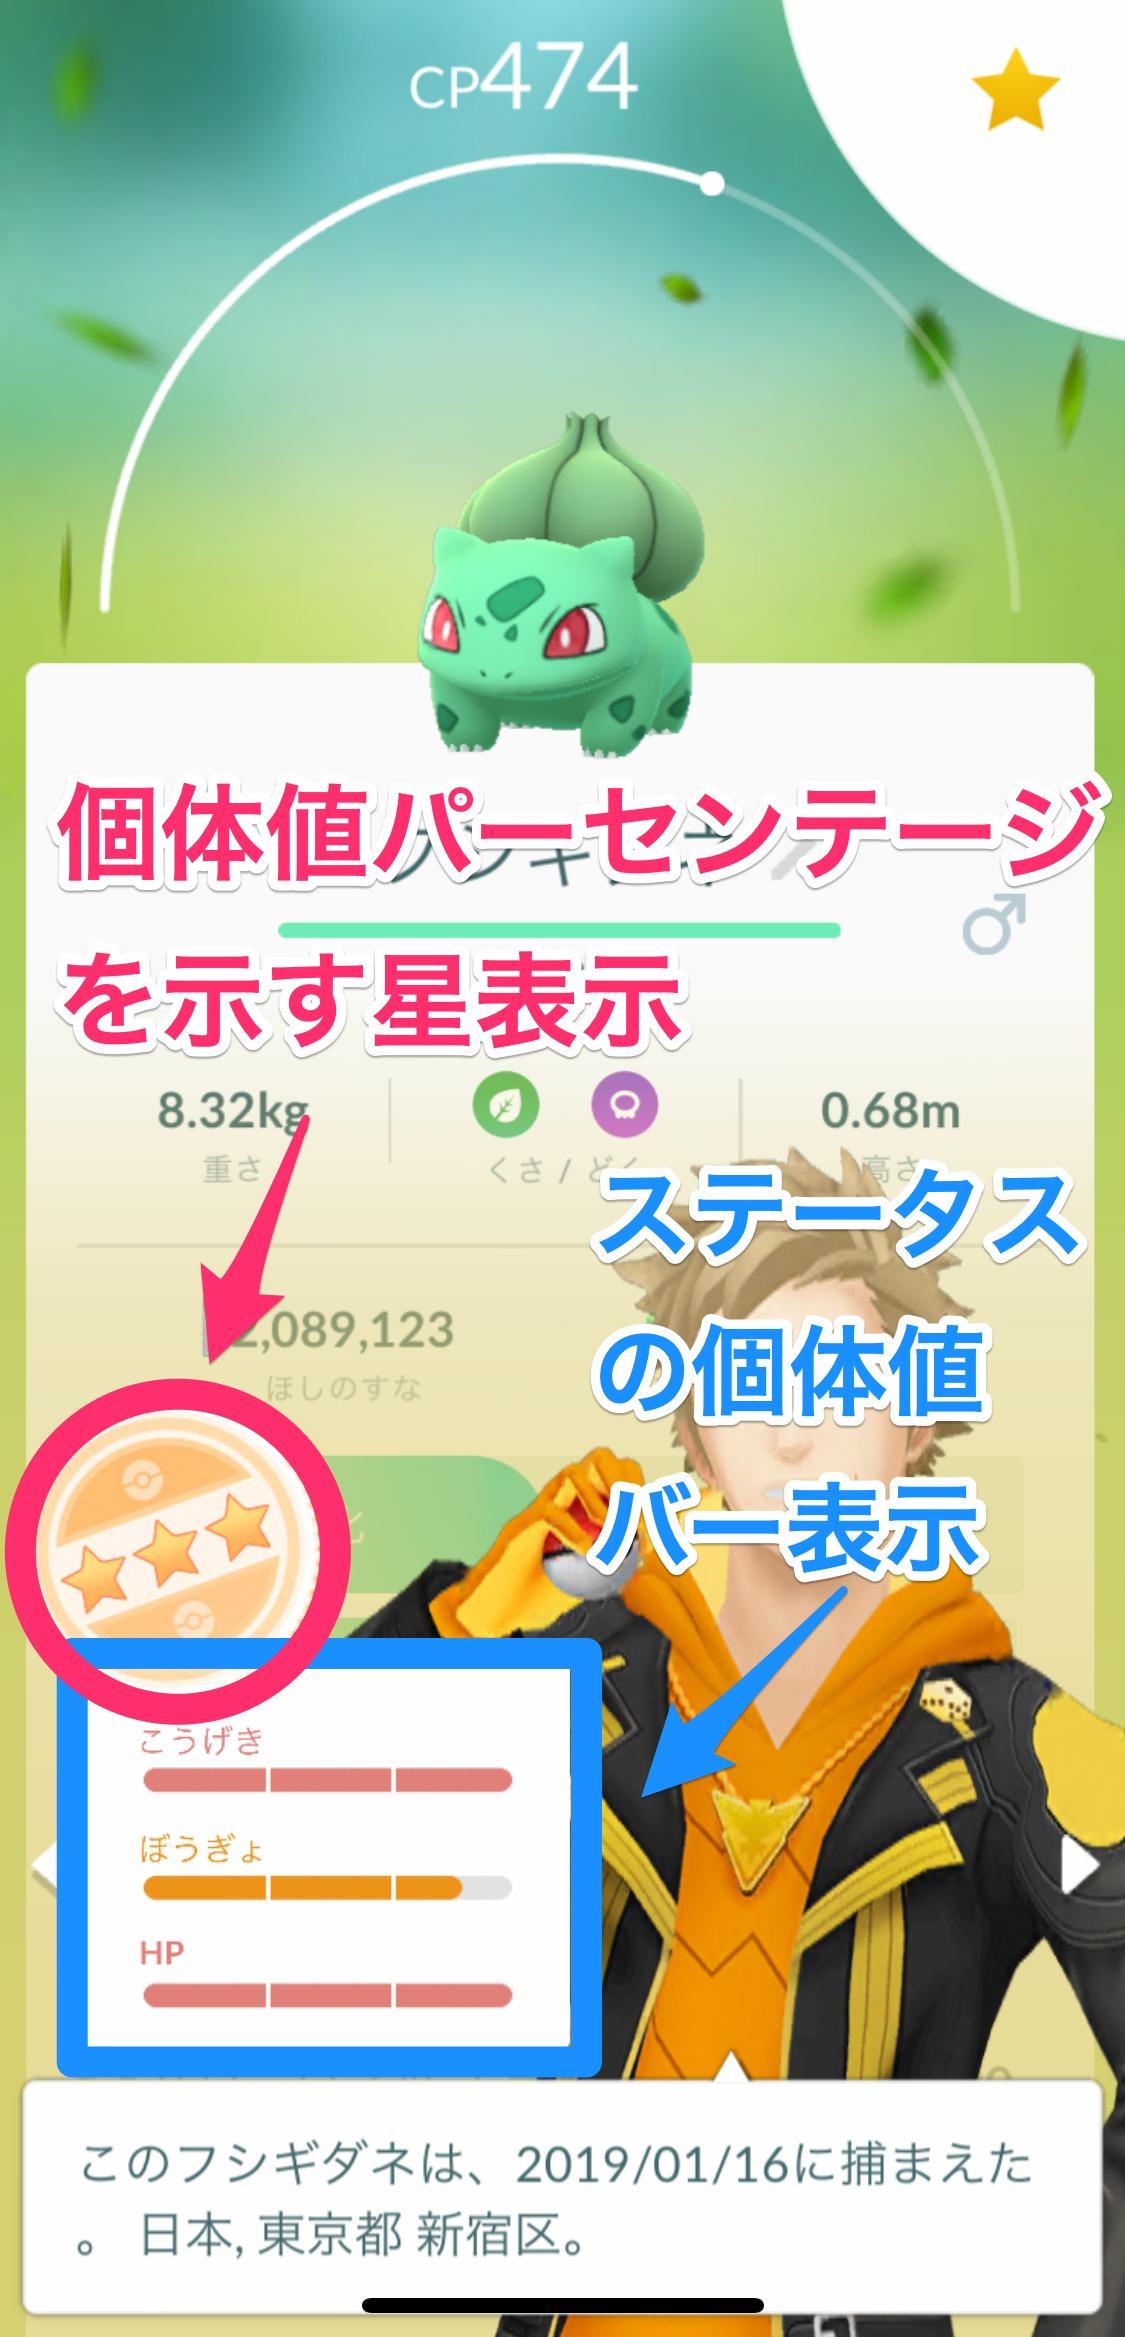 検索 ポケモン 個体 値 go